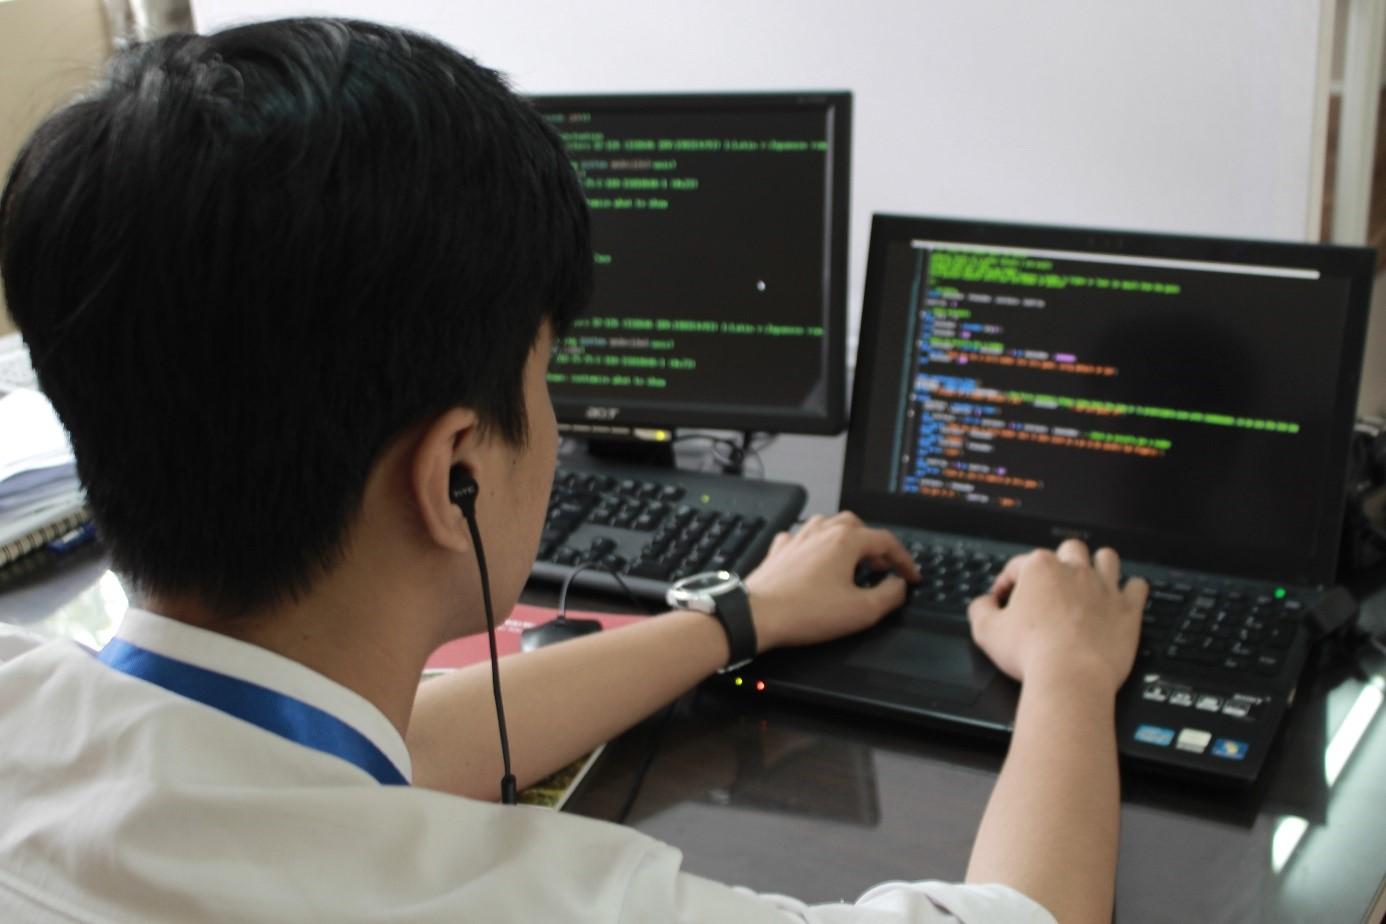 Đón đầu xu hướng nghề nghiệp thời 4.0 với ngành Công nghệ thông tin tại DNTU